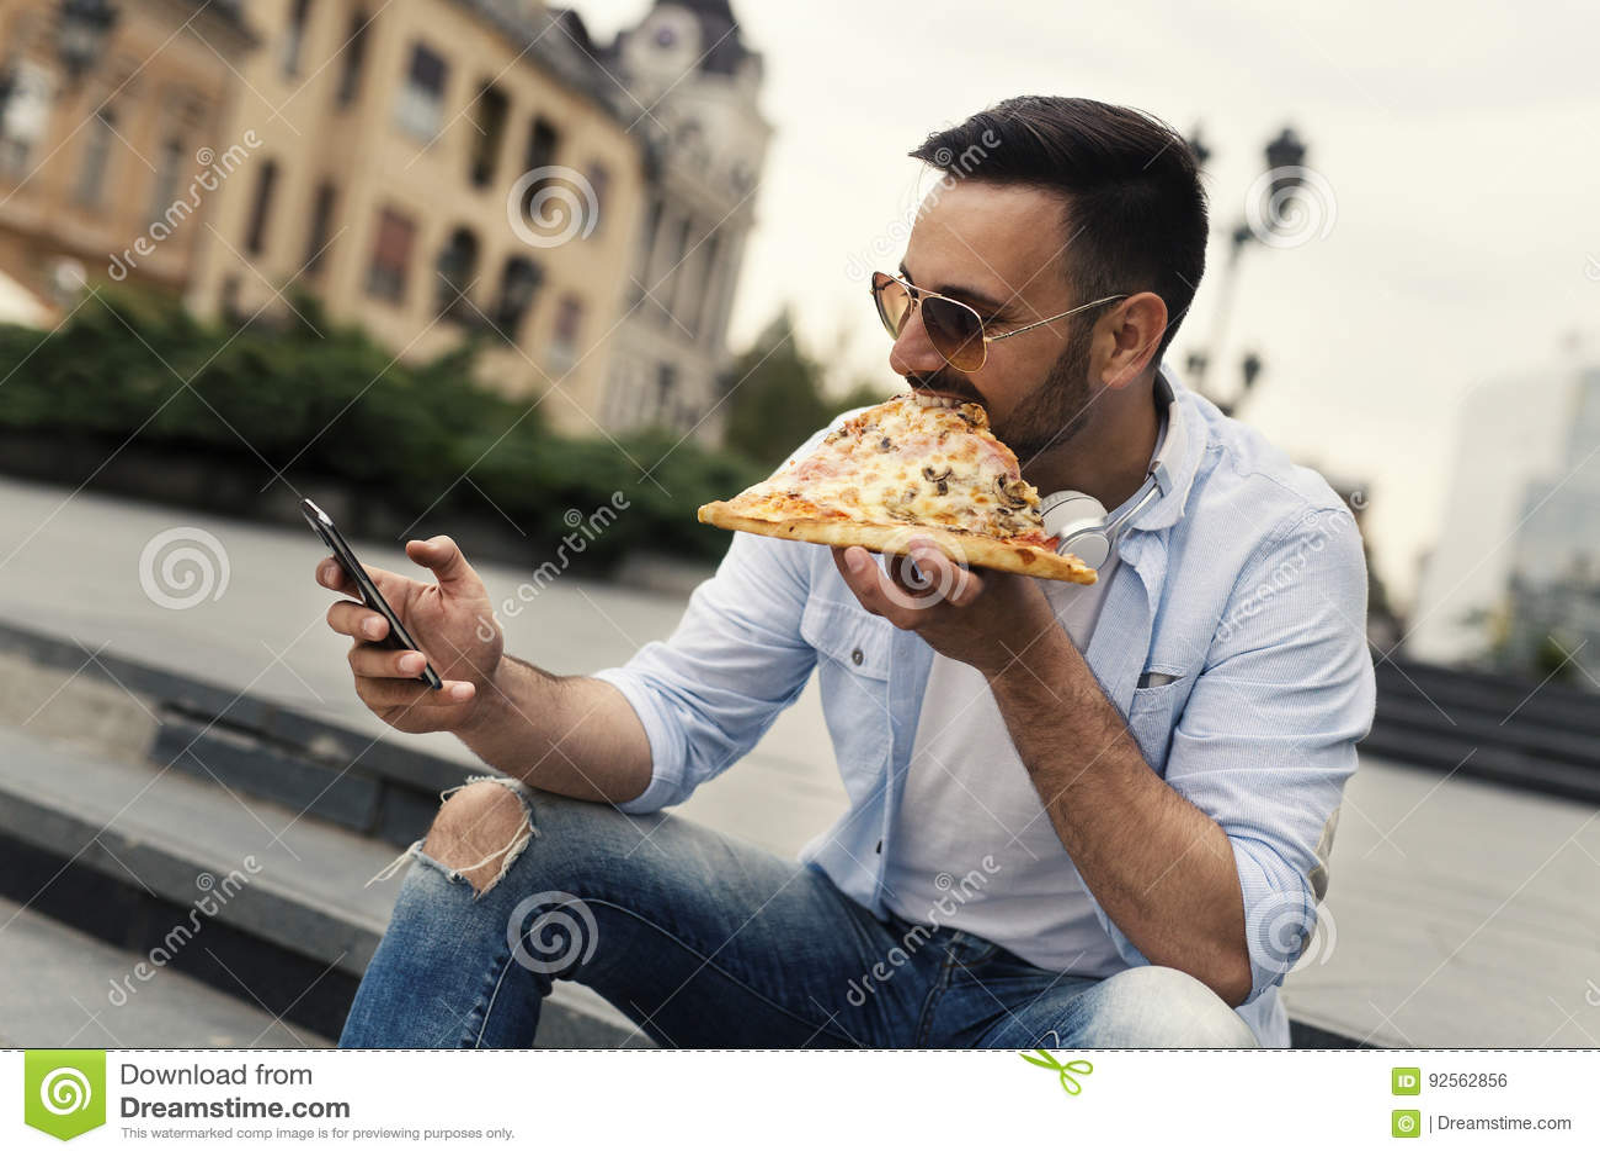 Pizza mangiatrice di uomini giovane